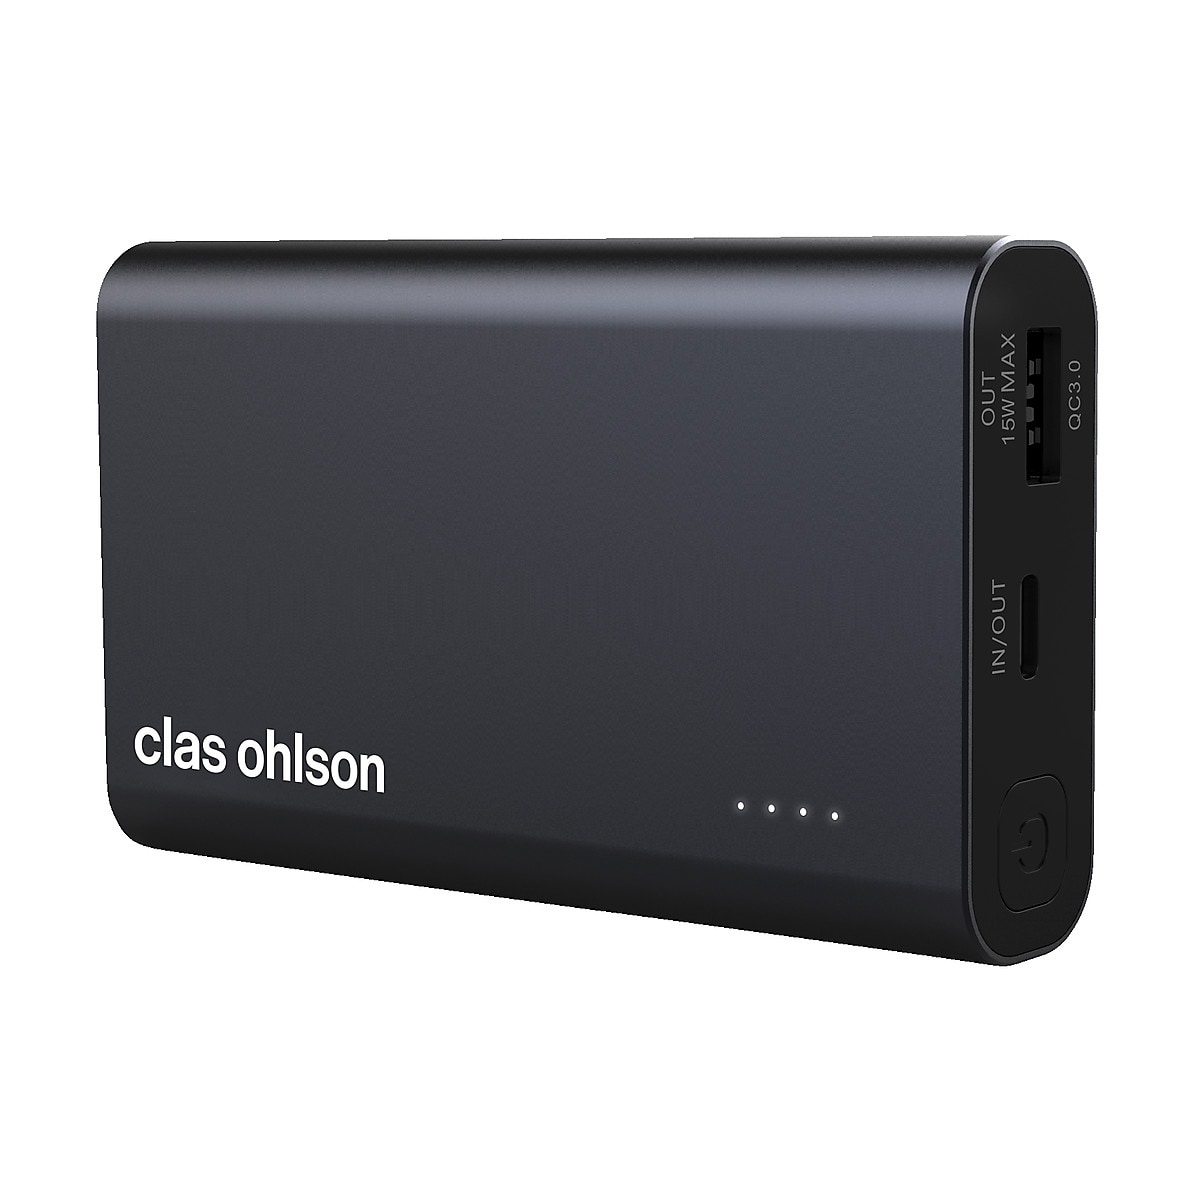 Varavirtalähde USB-C 10050 mAh Clas Ohlson